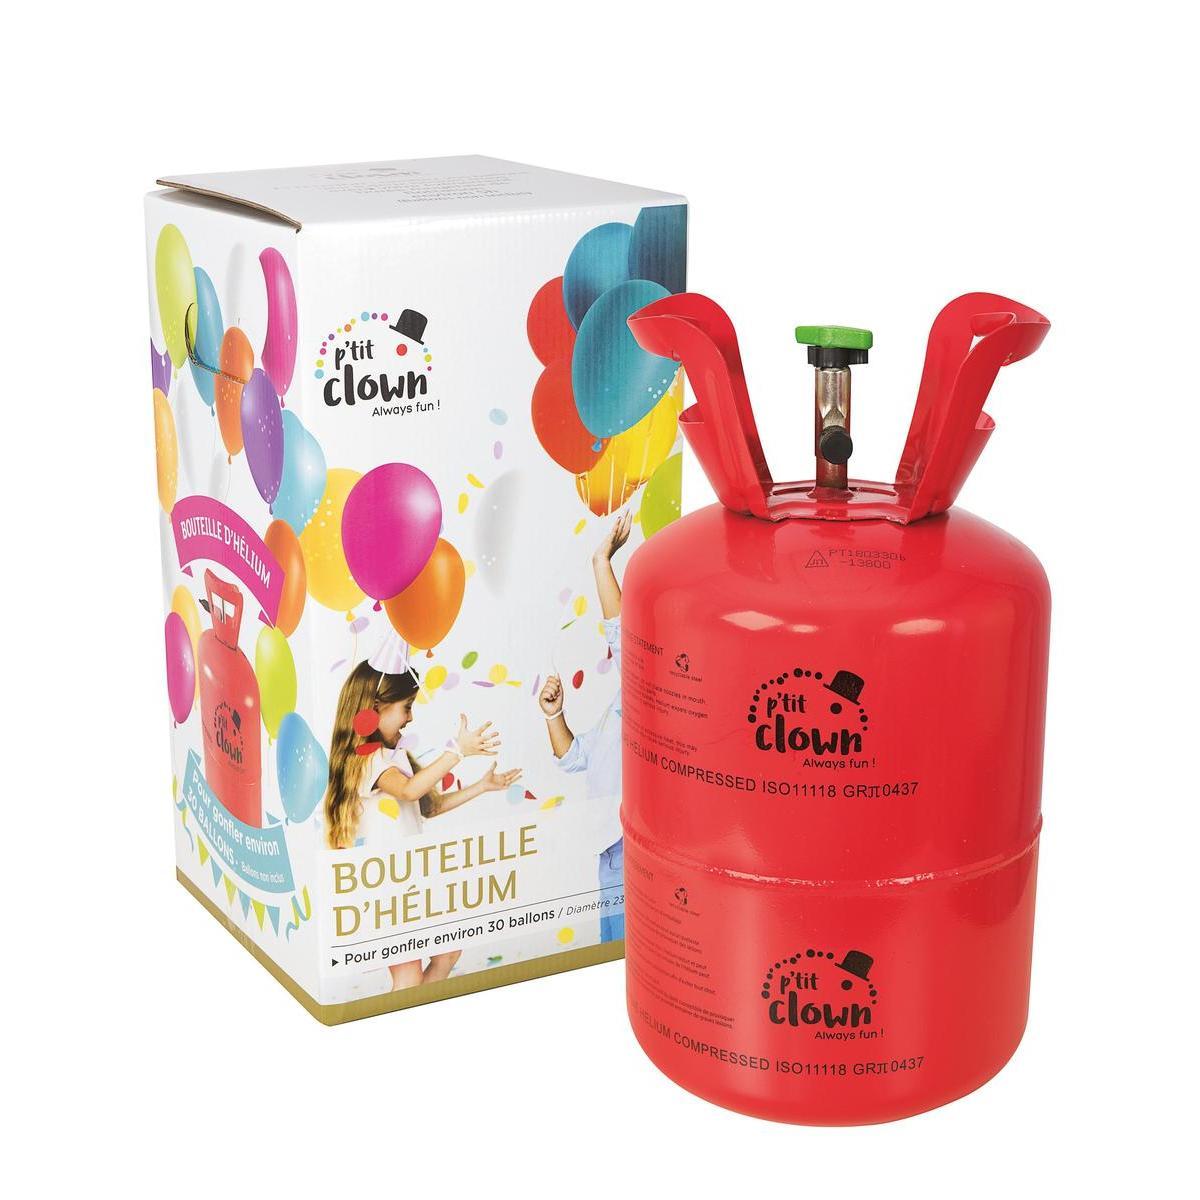 Bouteille D Helium Jetable 30 Ballons Rouge Ballon De Baudruche La Foir Fouille